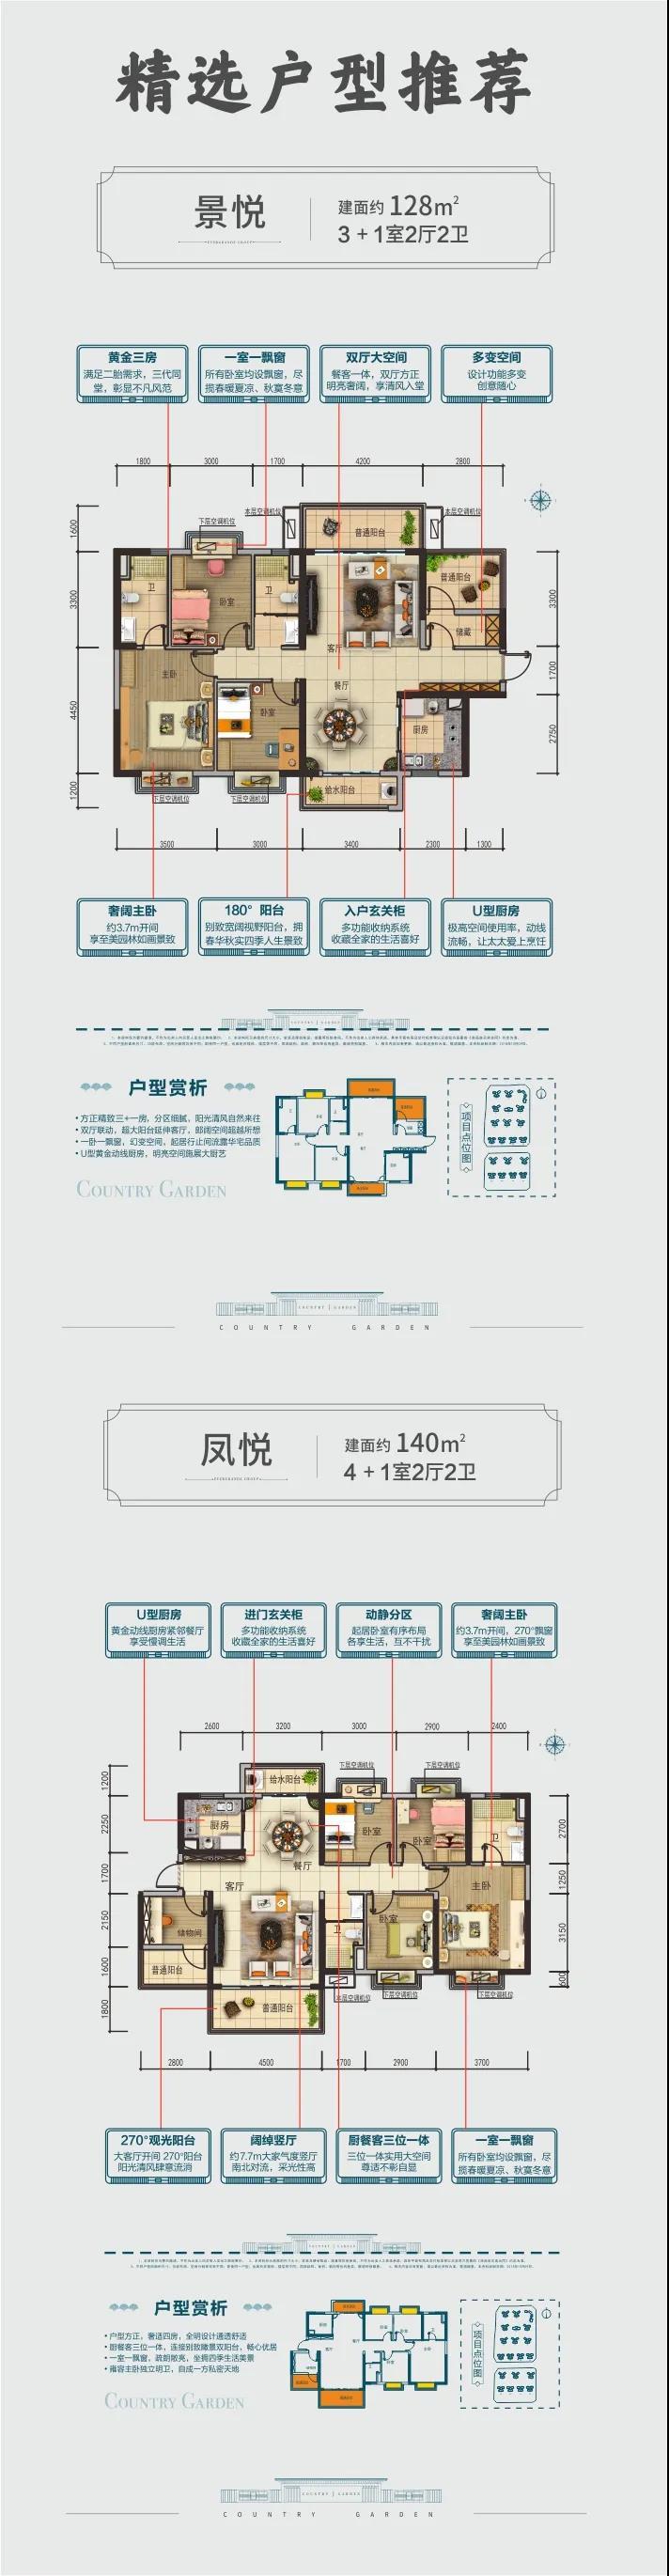 火炎焱燚!浦北碧桂园7月钜惠延续到8月?!